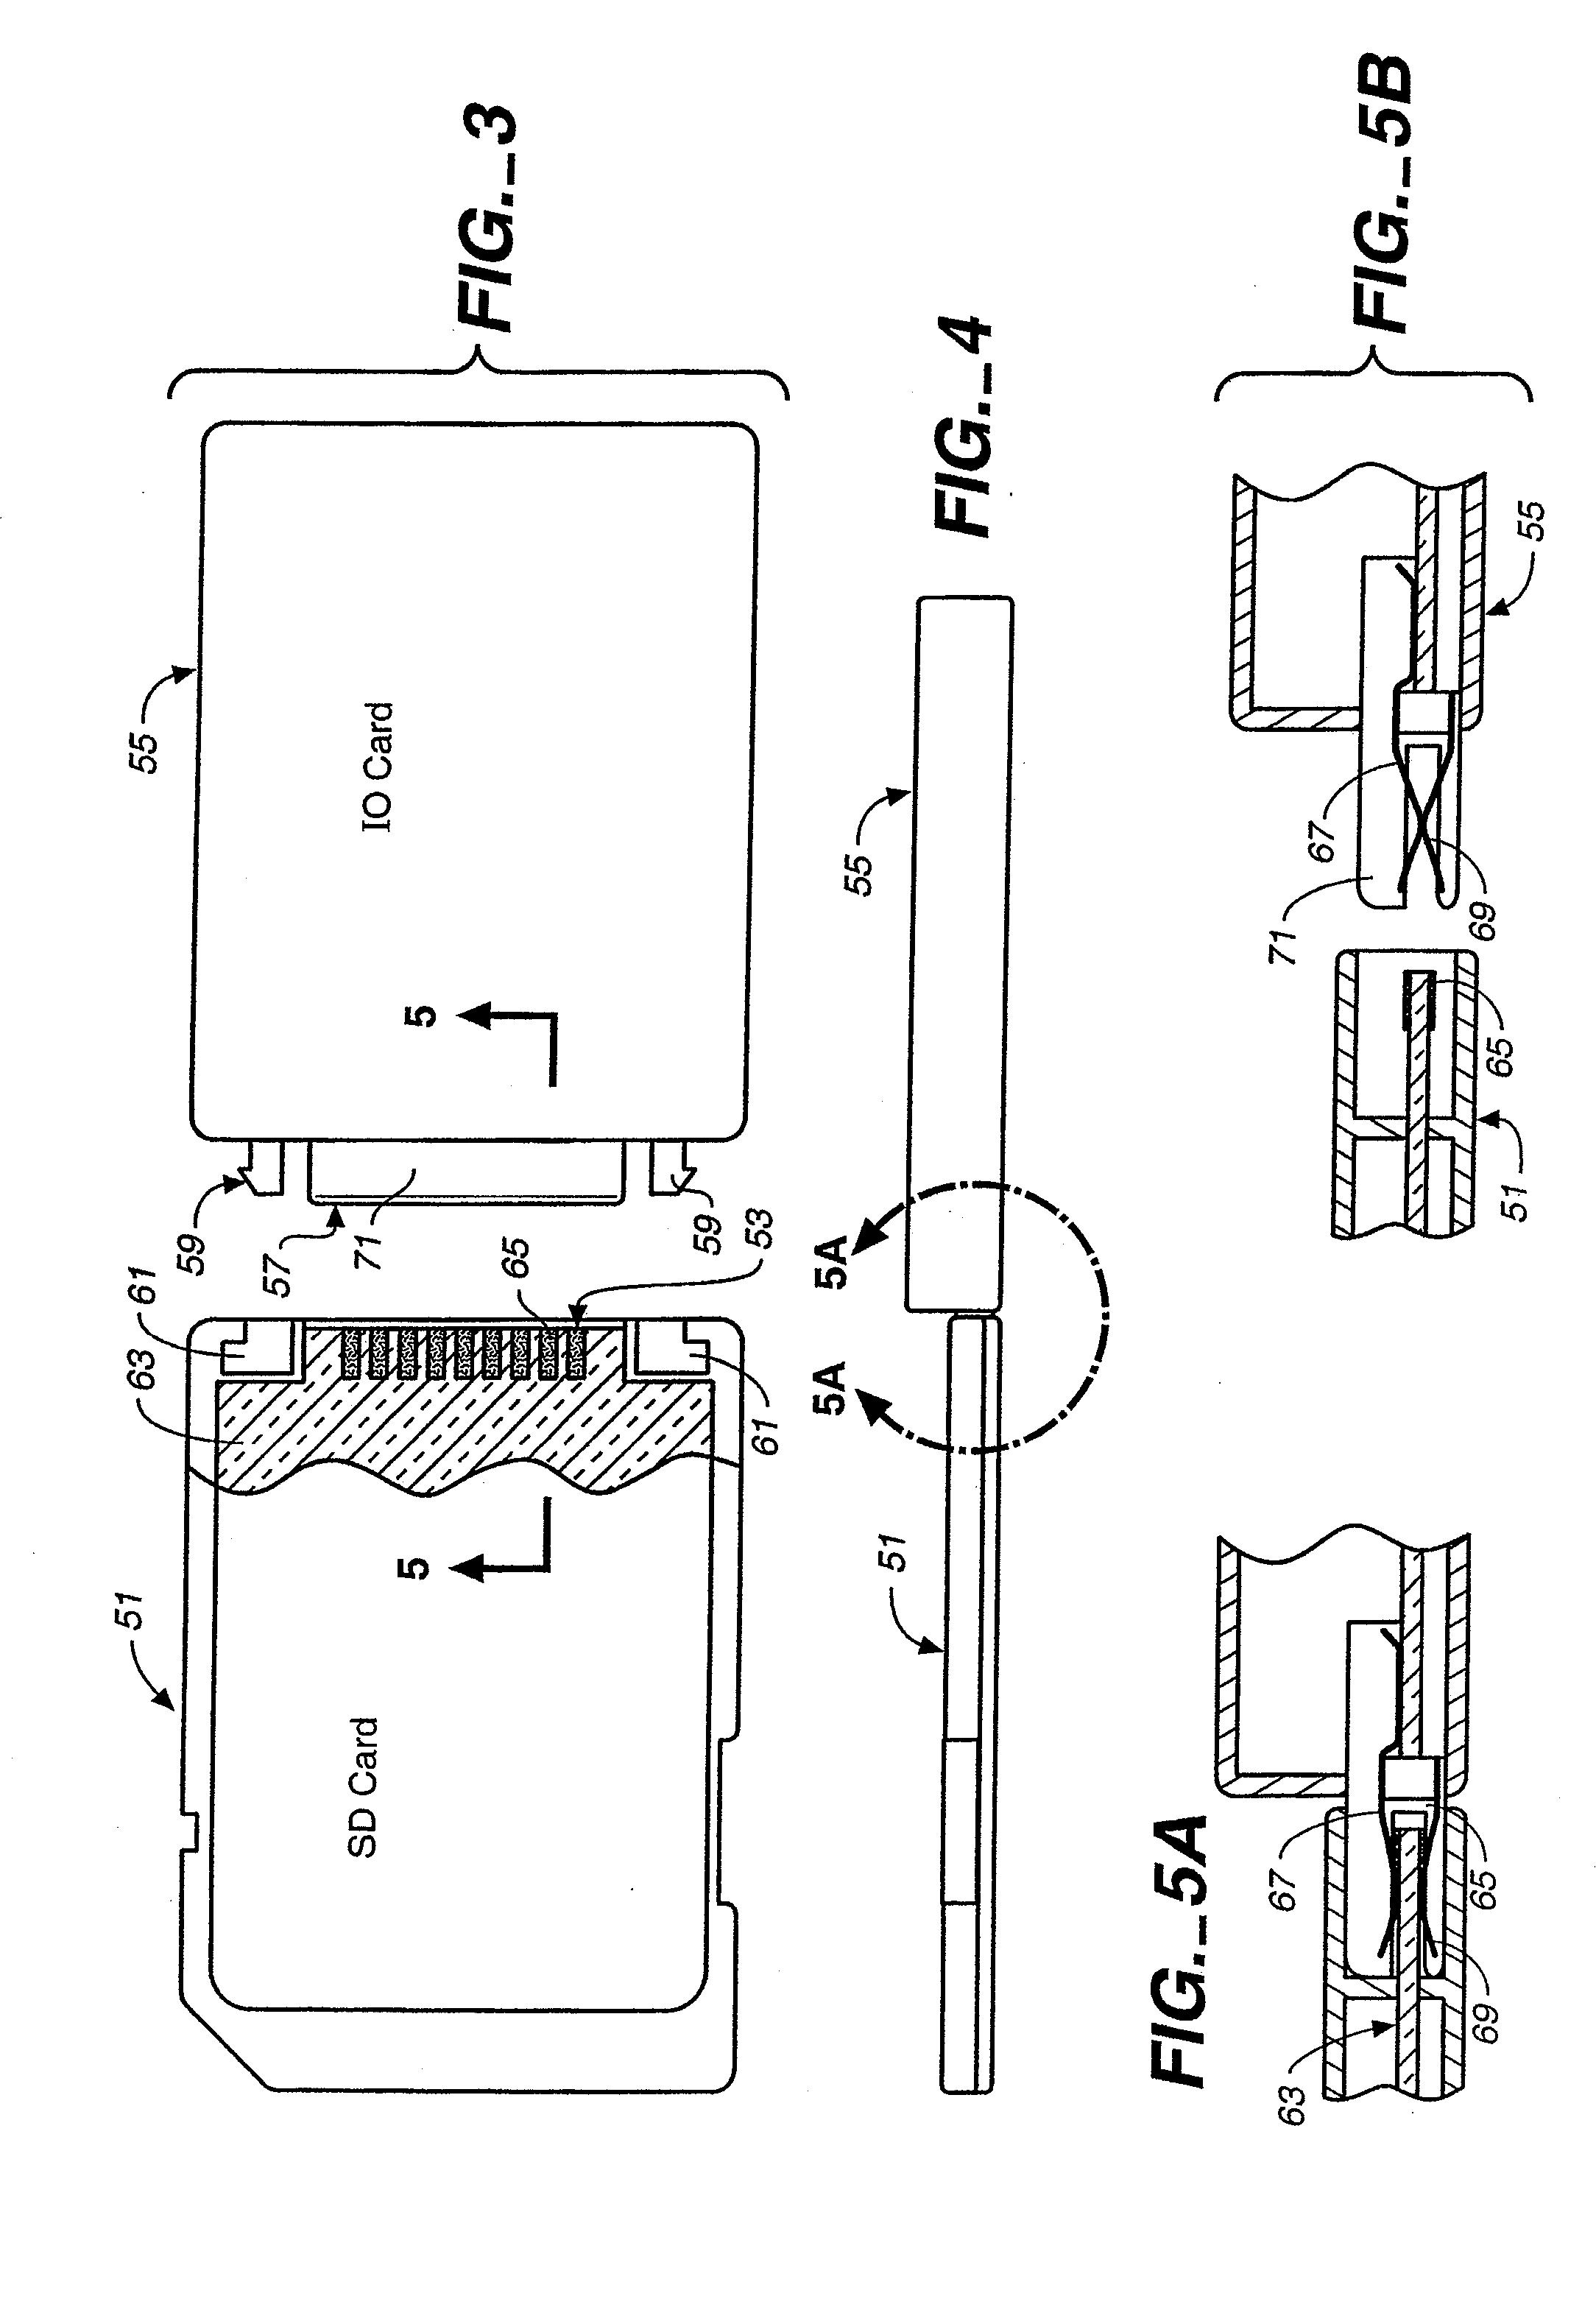 patent us20060264109